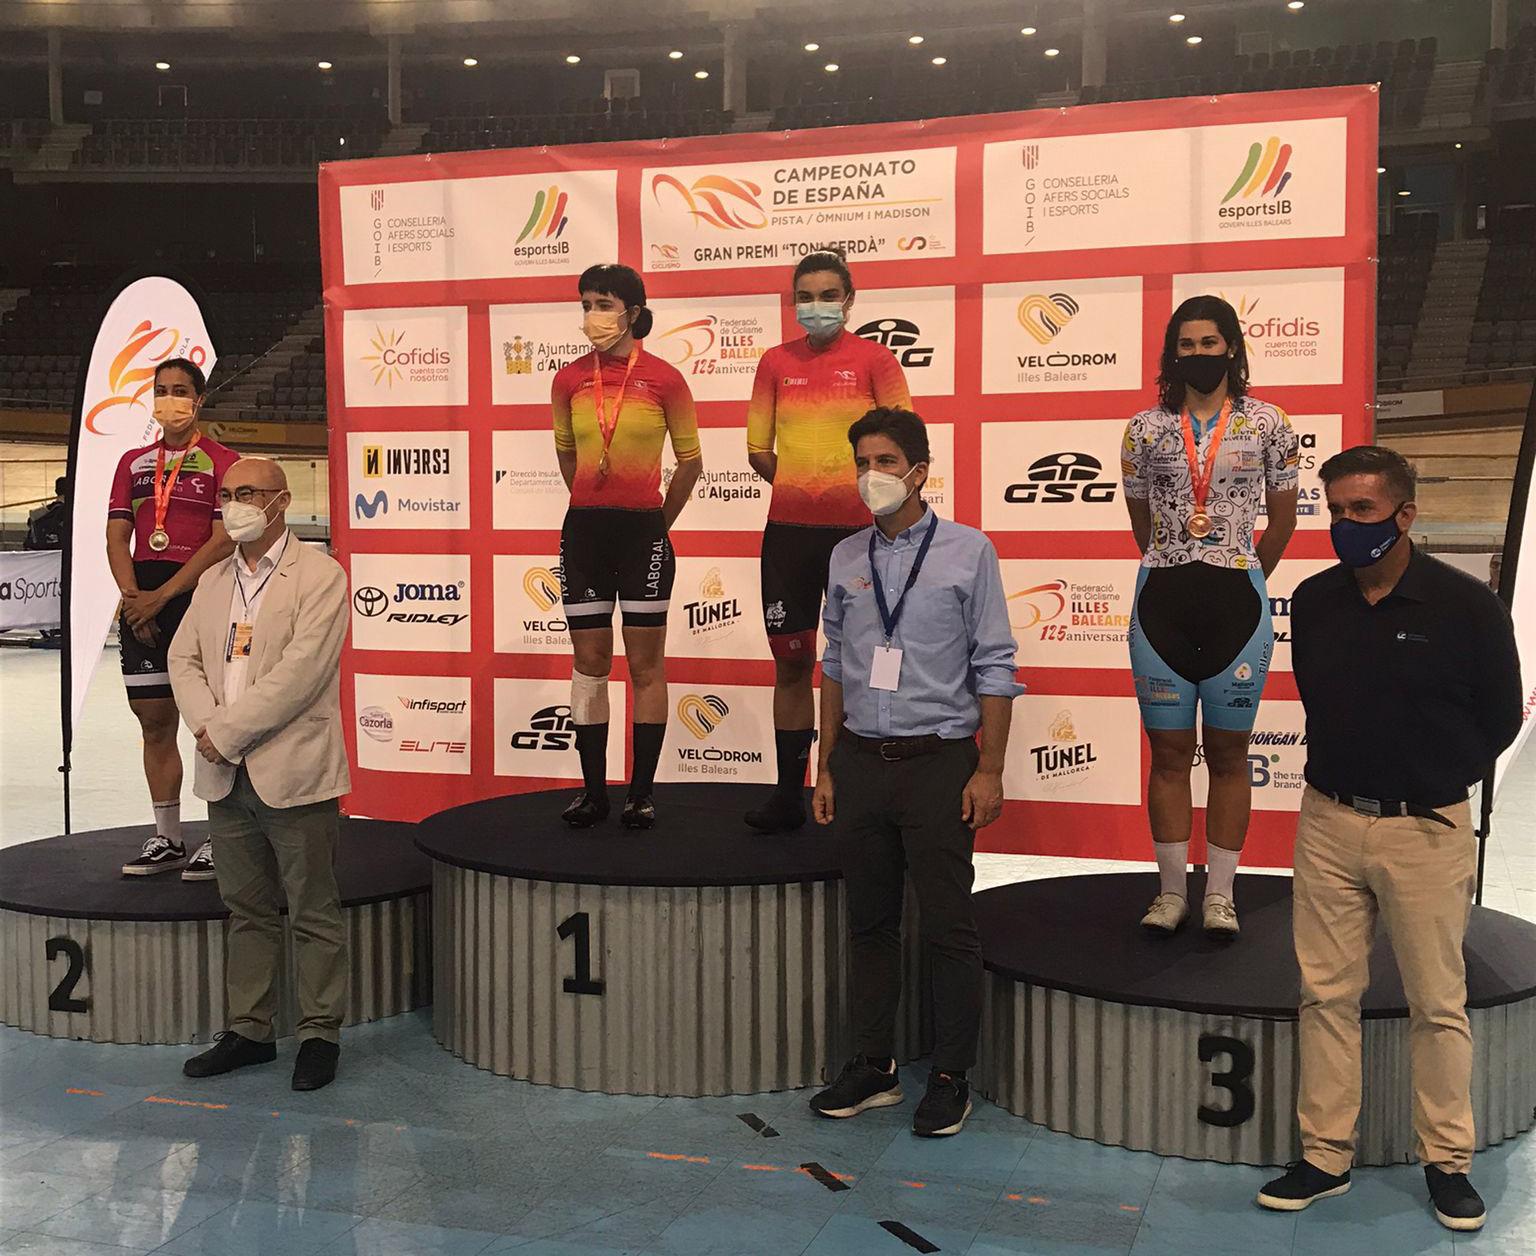 Cuatro medallas y dos títulos nacionales, excelente cosecha madrileña en los Campeonatos de España de ómnium y madison